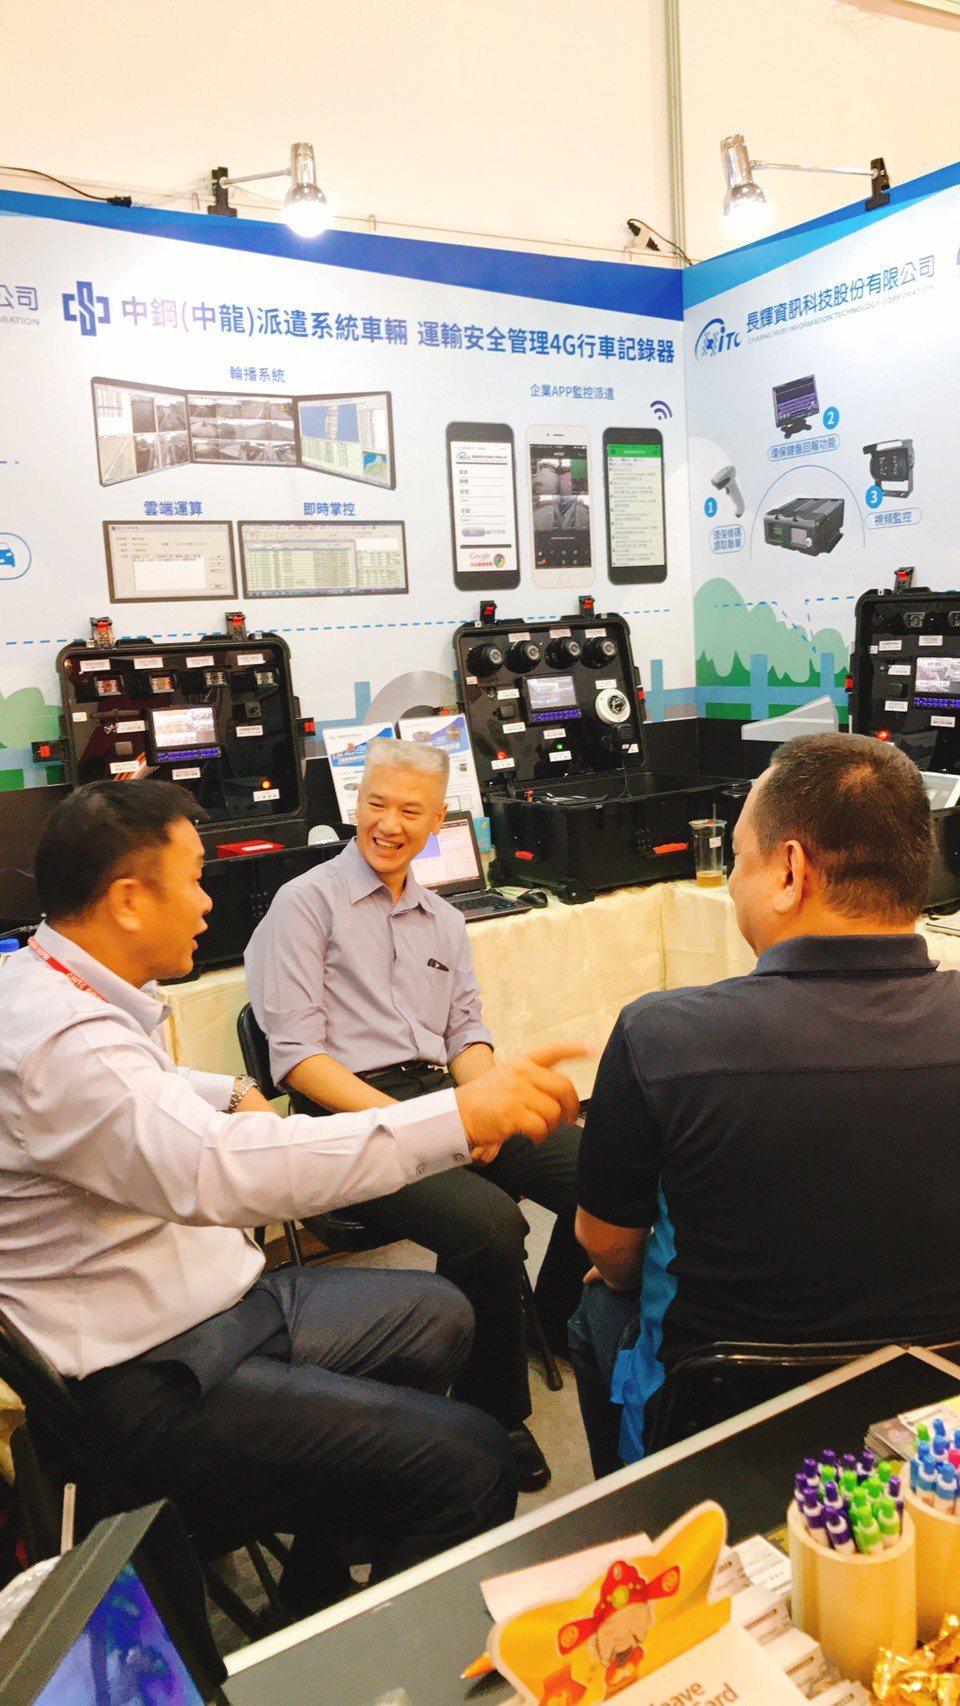 長輝資訊開創國內4G車載通訊新紀元,吸引不少國外業者來台交流. 業者/提供